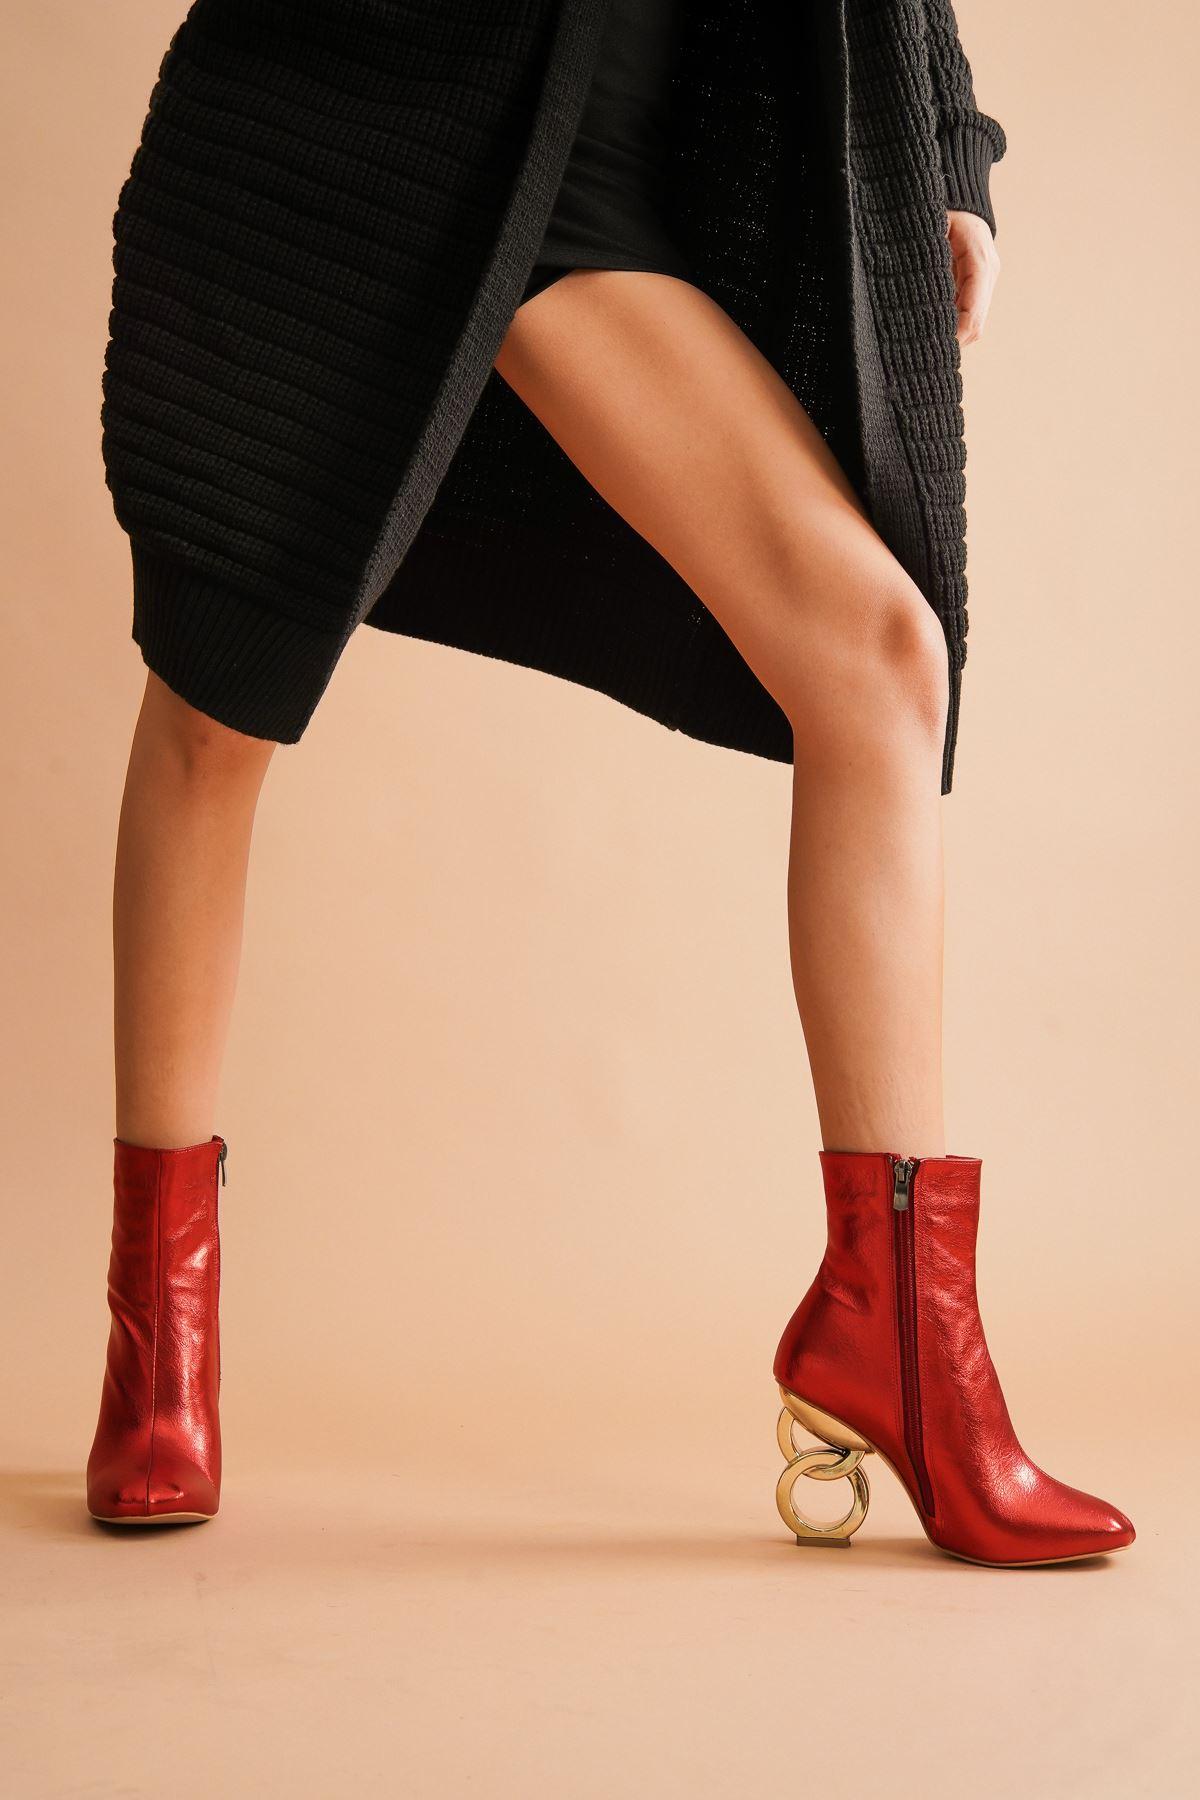 Shema Kırmızı Kırışık Halka Topuklu Kadın Bot